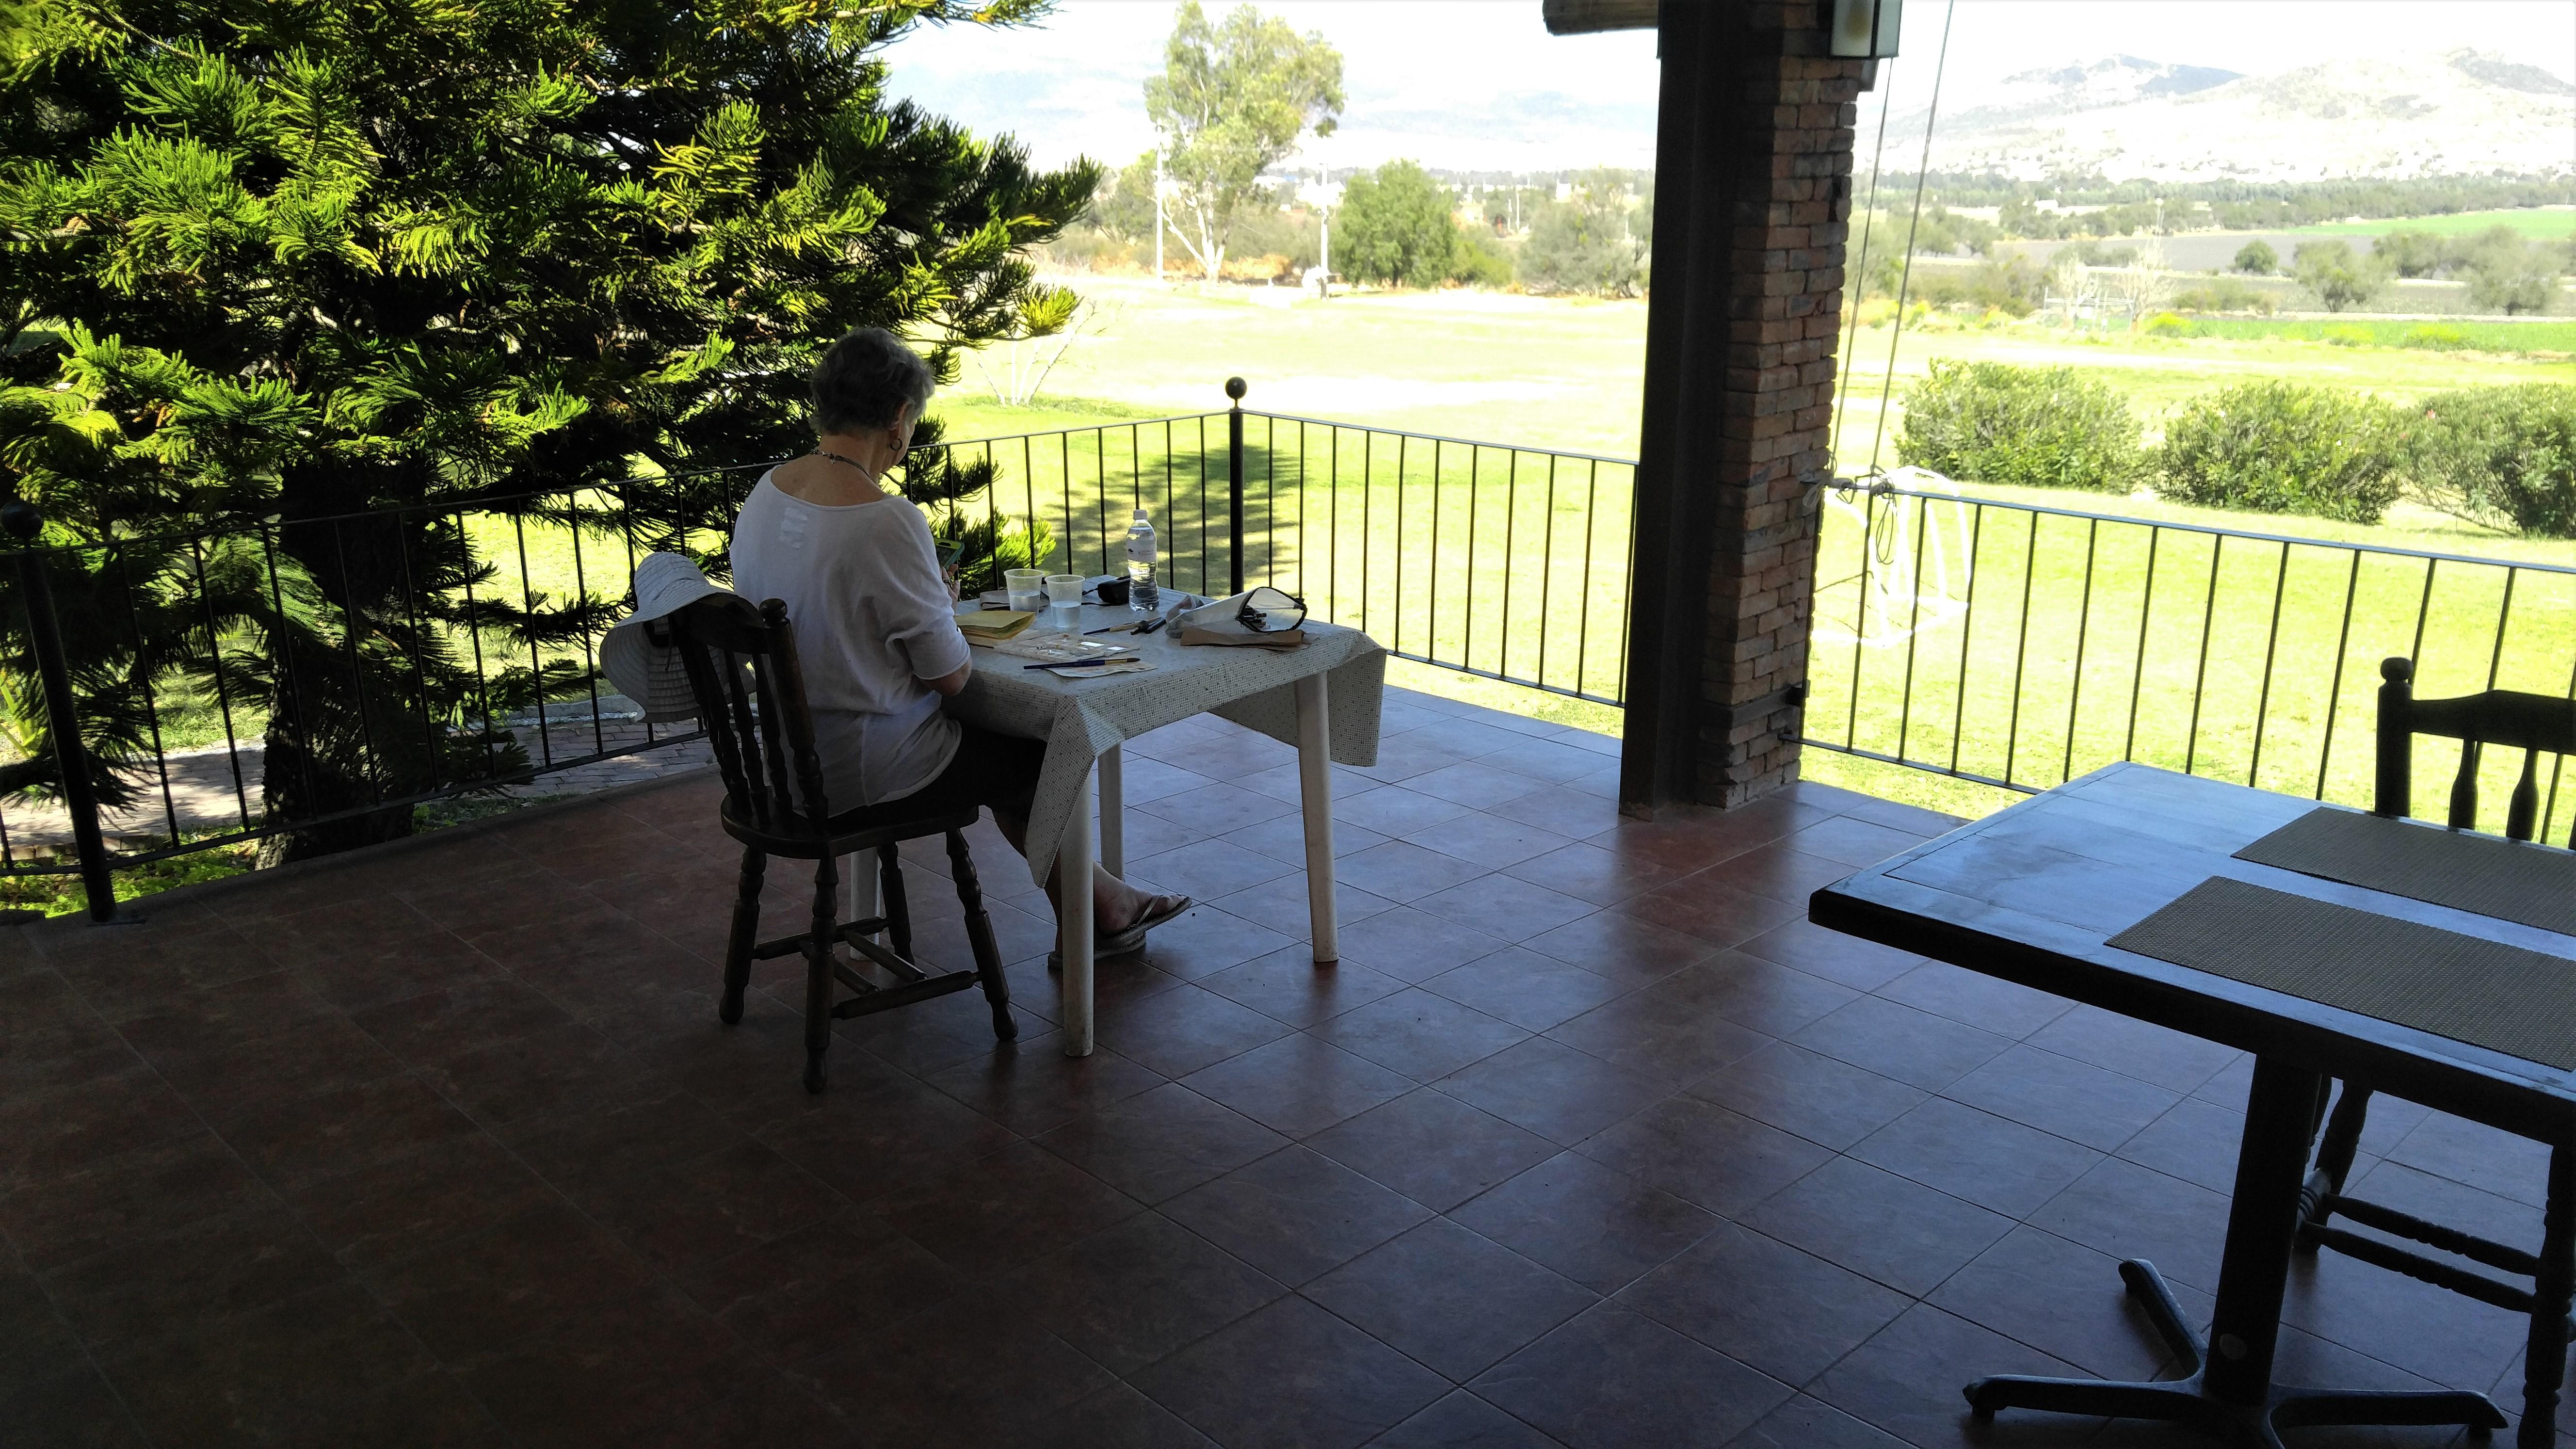 Private time at Purisima